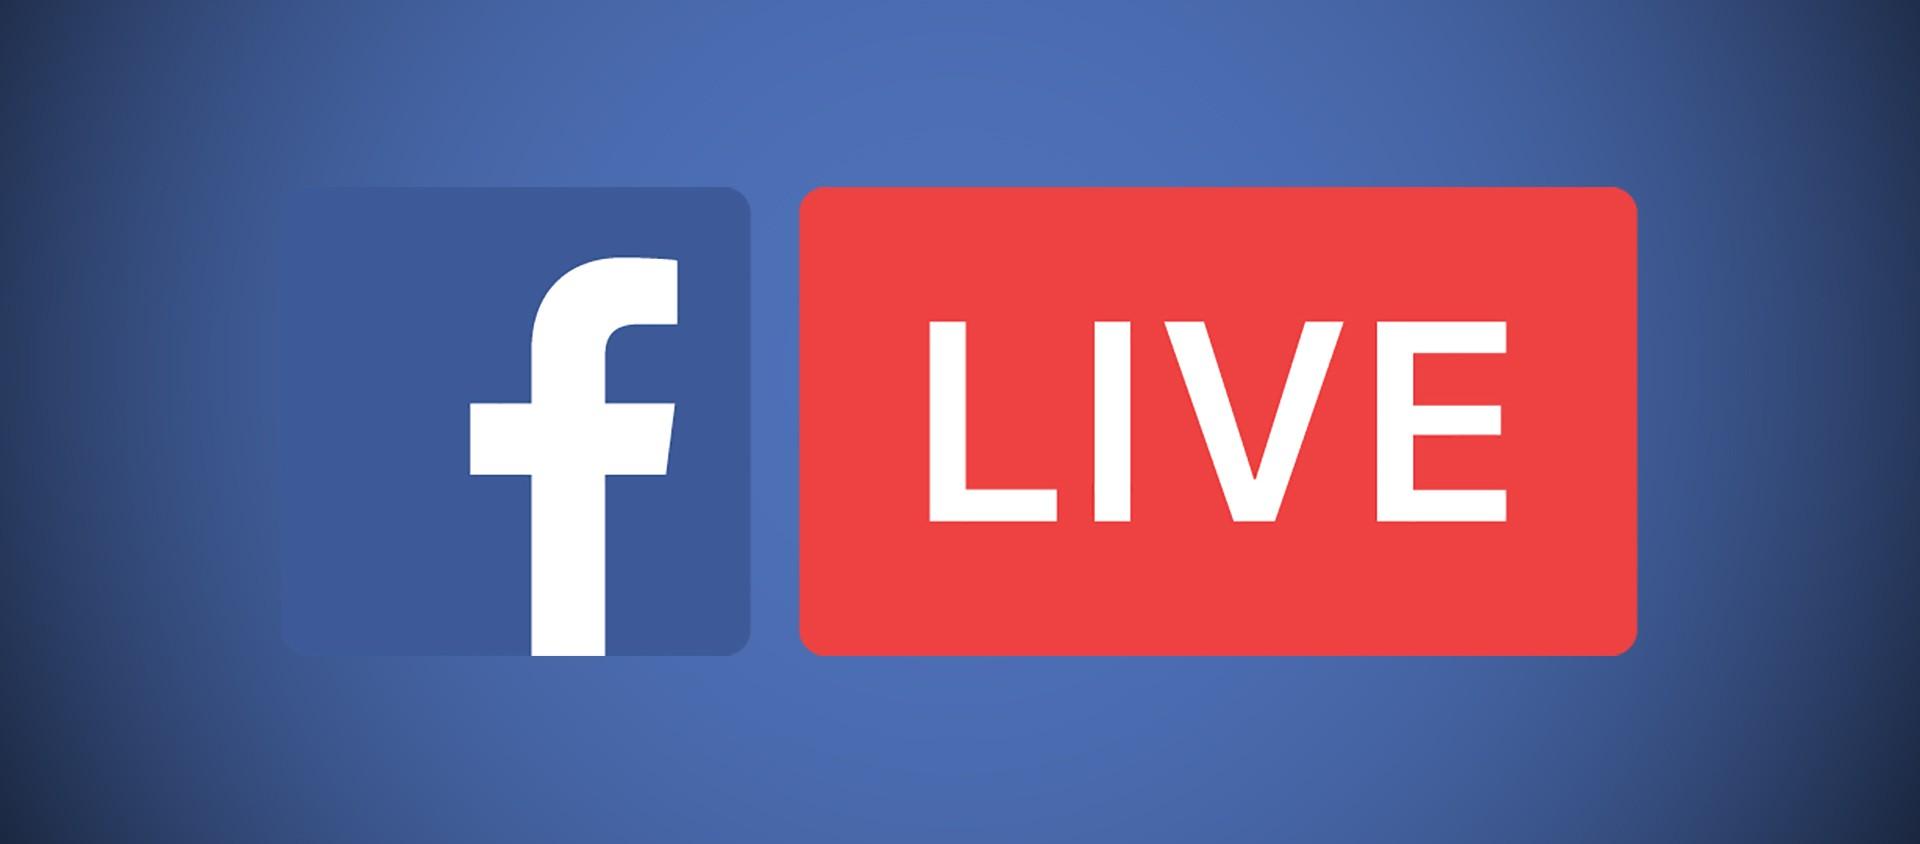 Facebook упрощает доступ к онлайн-трансляциям - 1